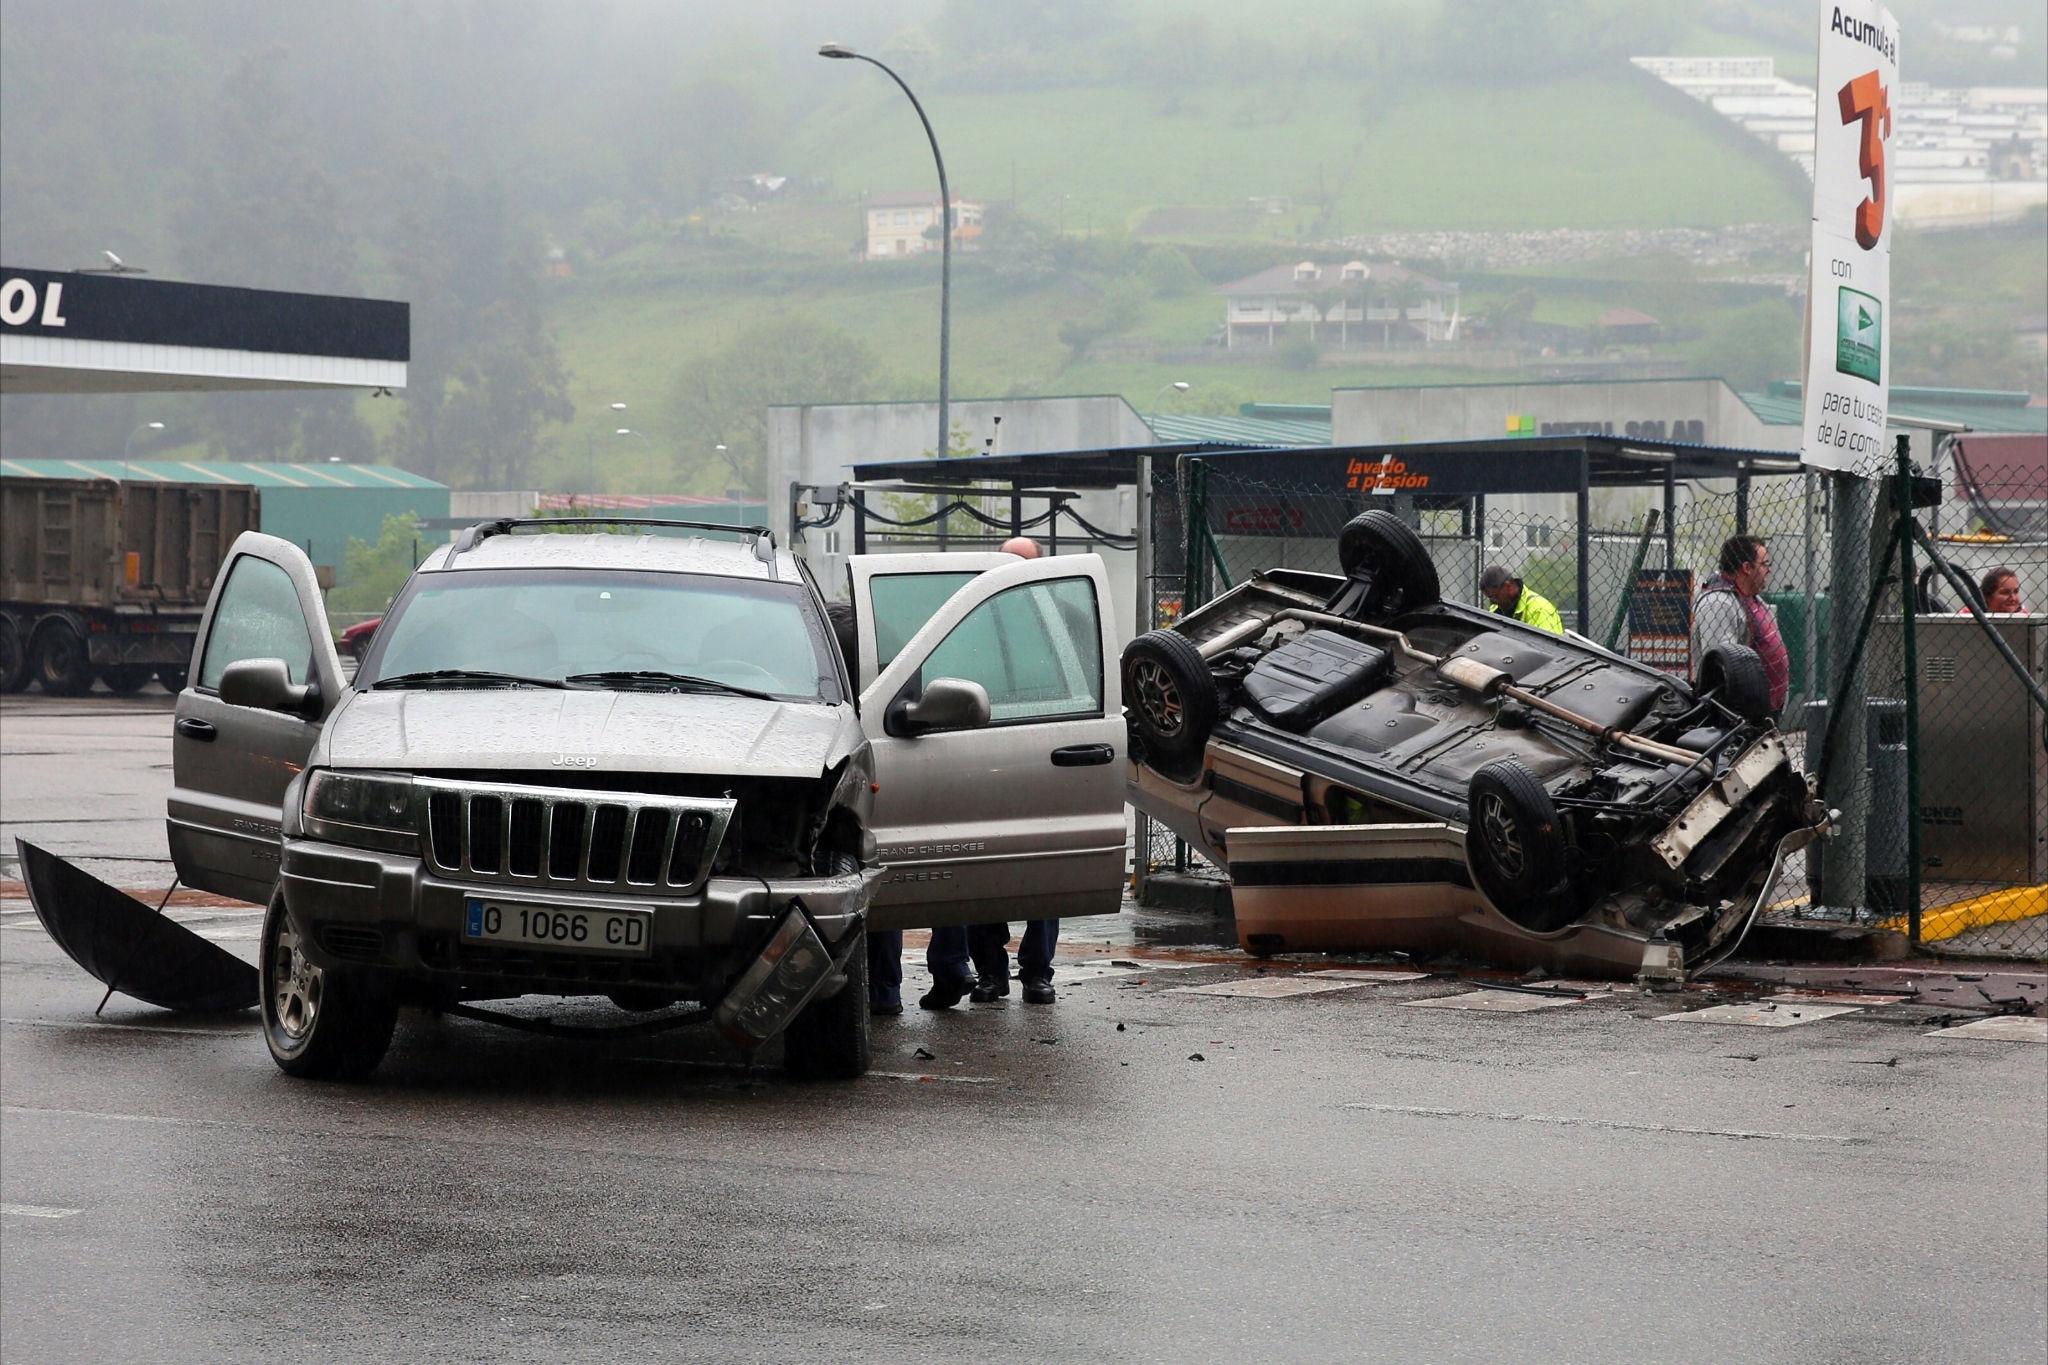 El 59,4% de las víctimas de accidentes de tráfico en Murcia sufrió un esguince cervical en 2012, según estudio